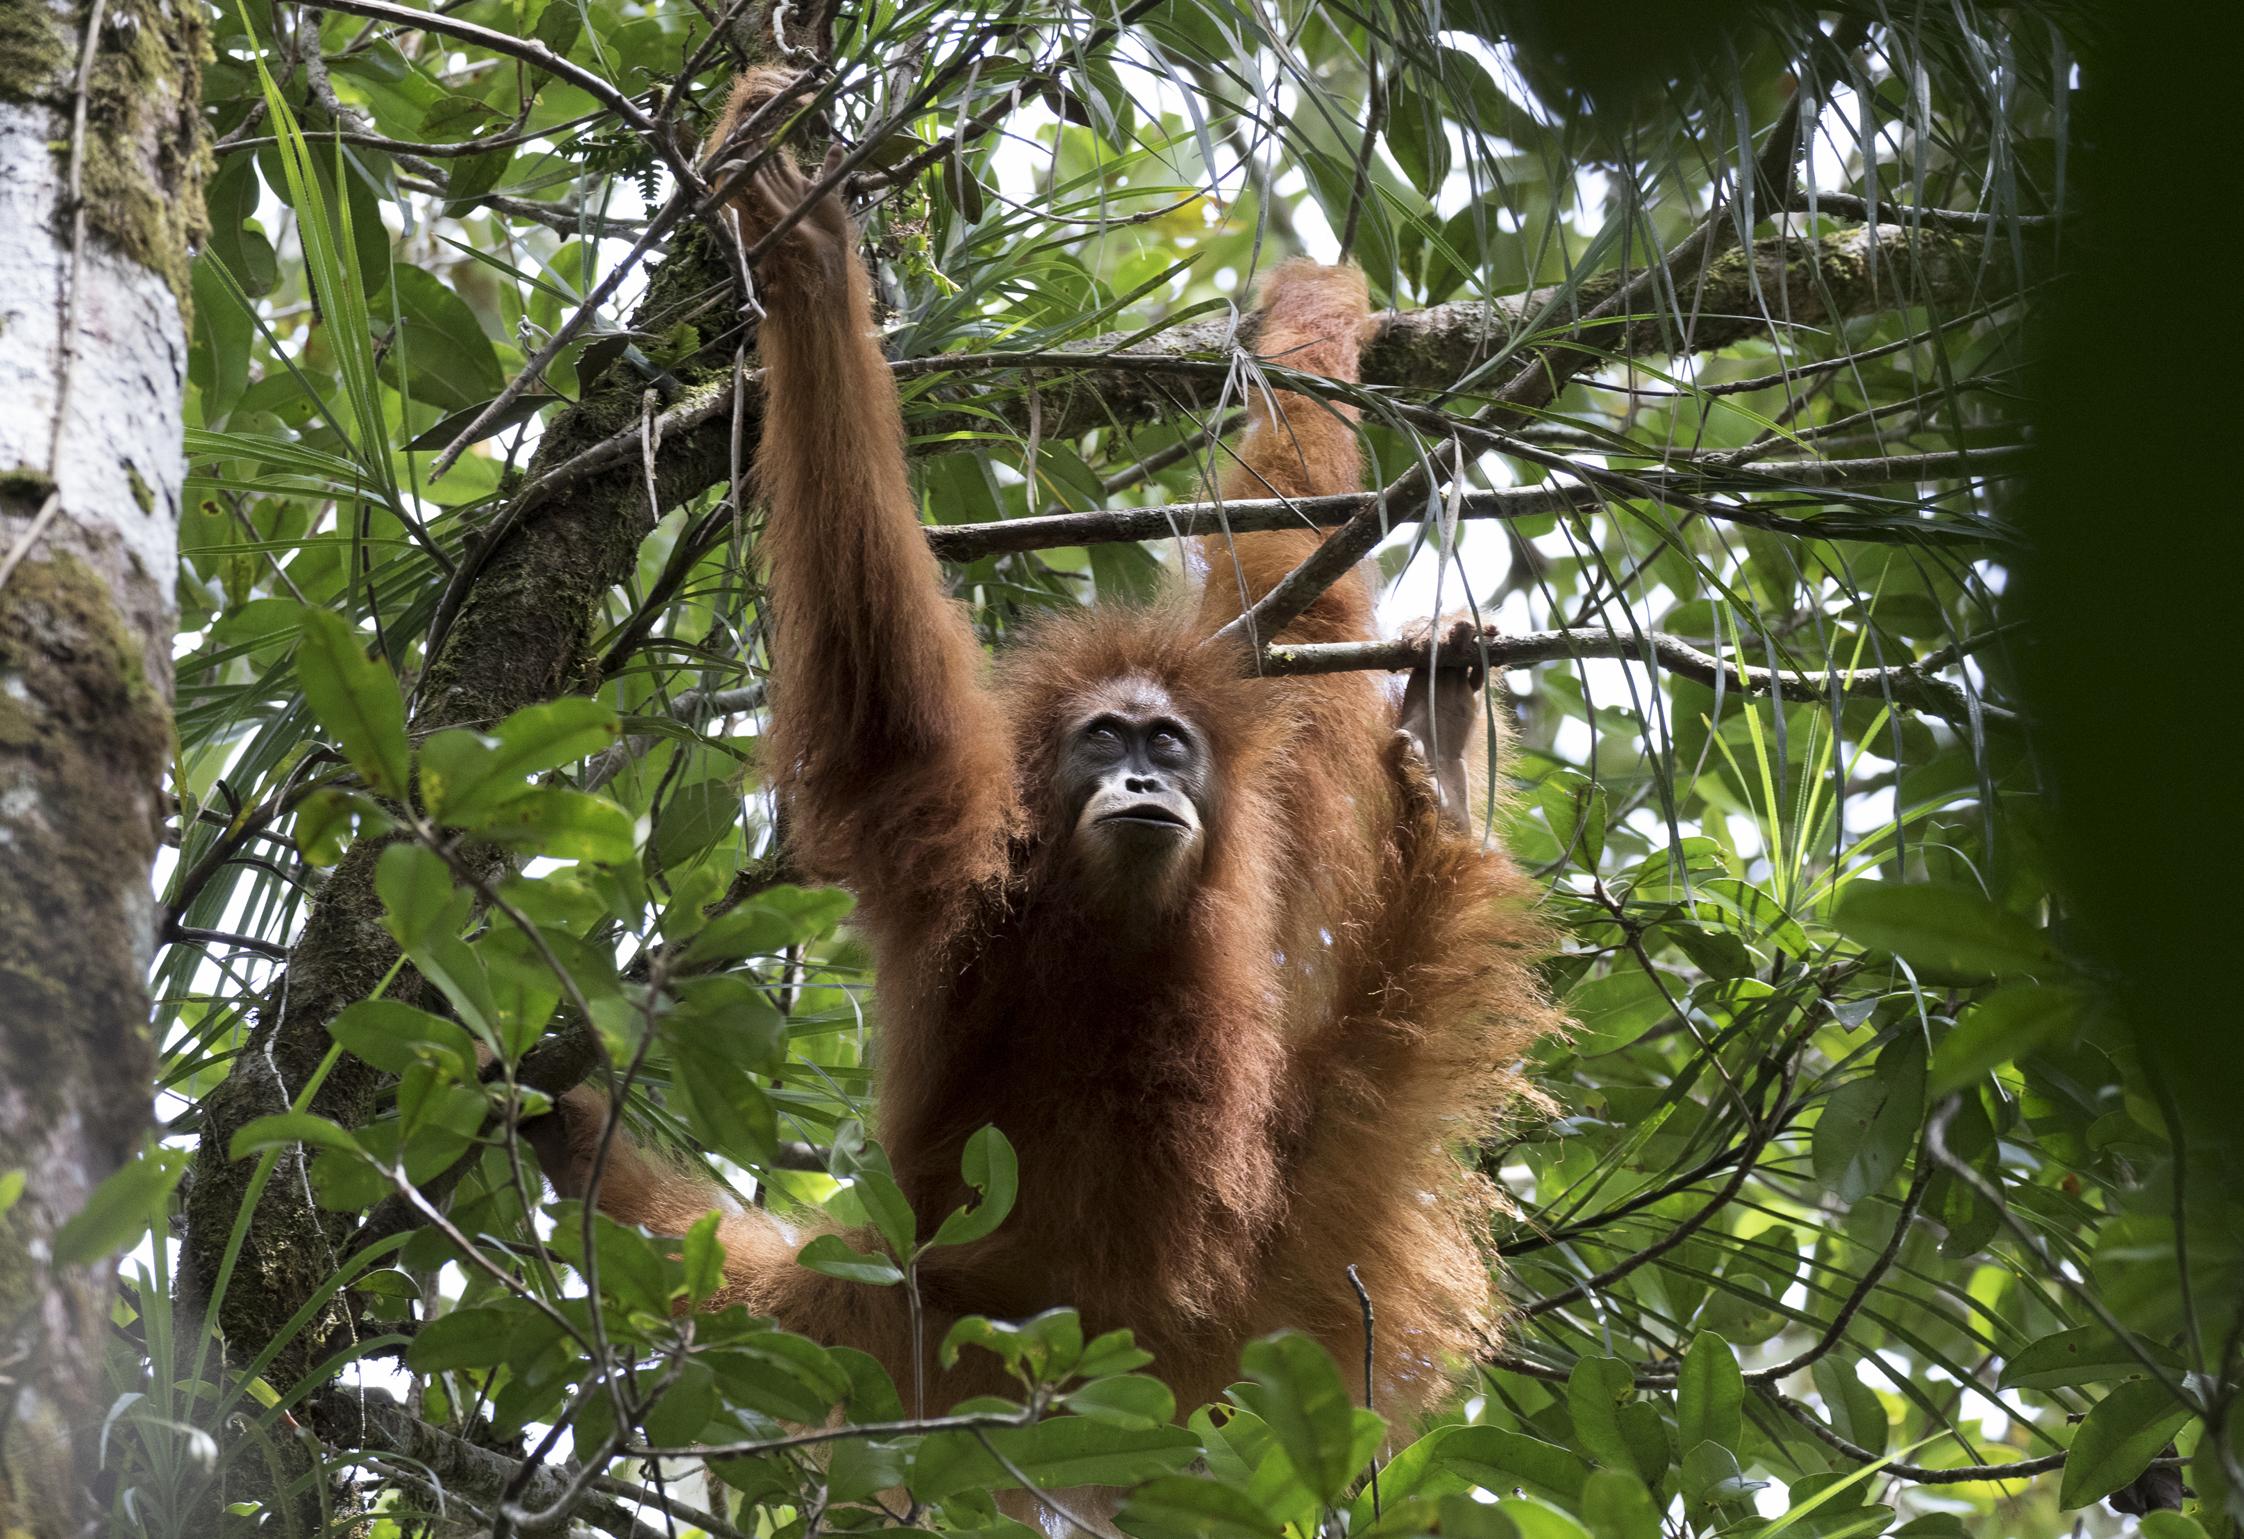 description of new orangutan species u0027incredibly exciting u0027 say